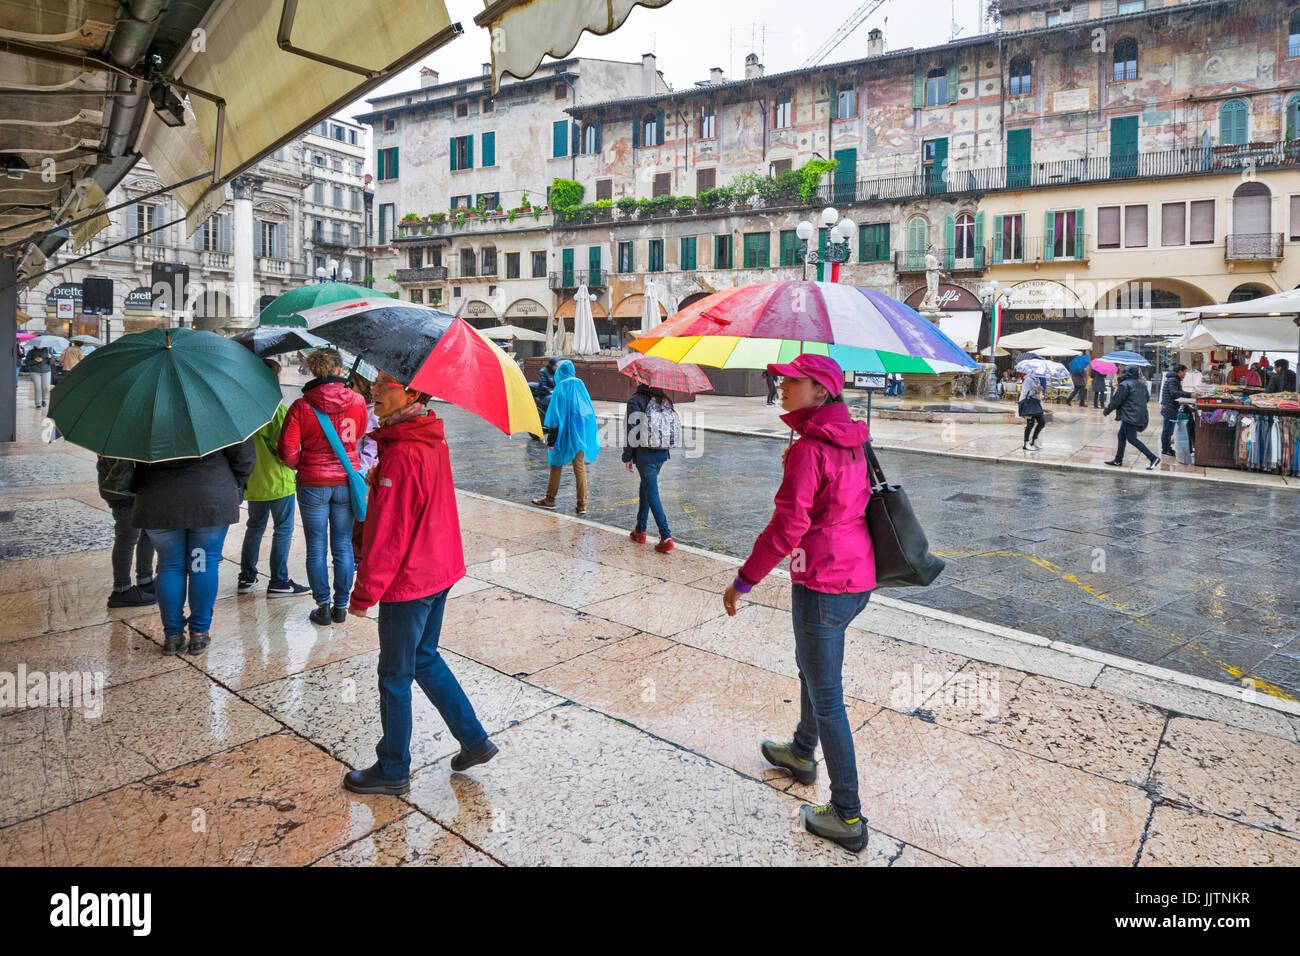 Vérone ITALIE UN JOUR DE PLUIE ET DE PARAPLUIES COLORÉS PIAZZA ERBE Photo Stock